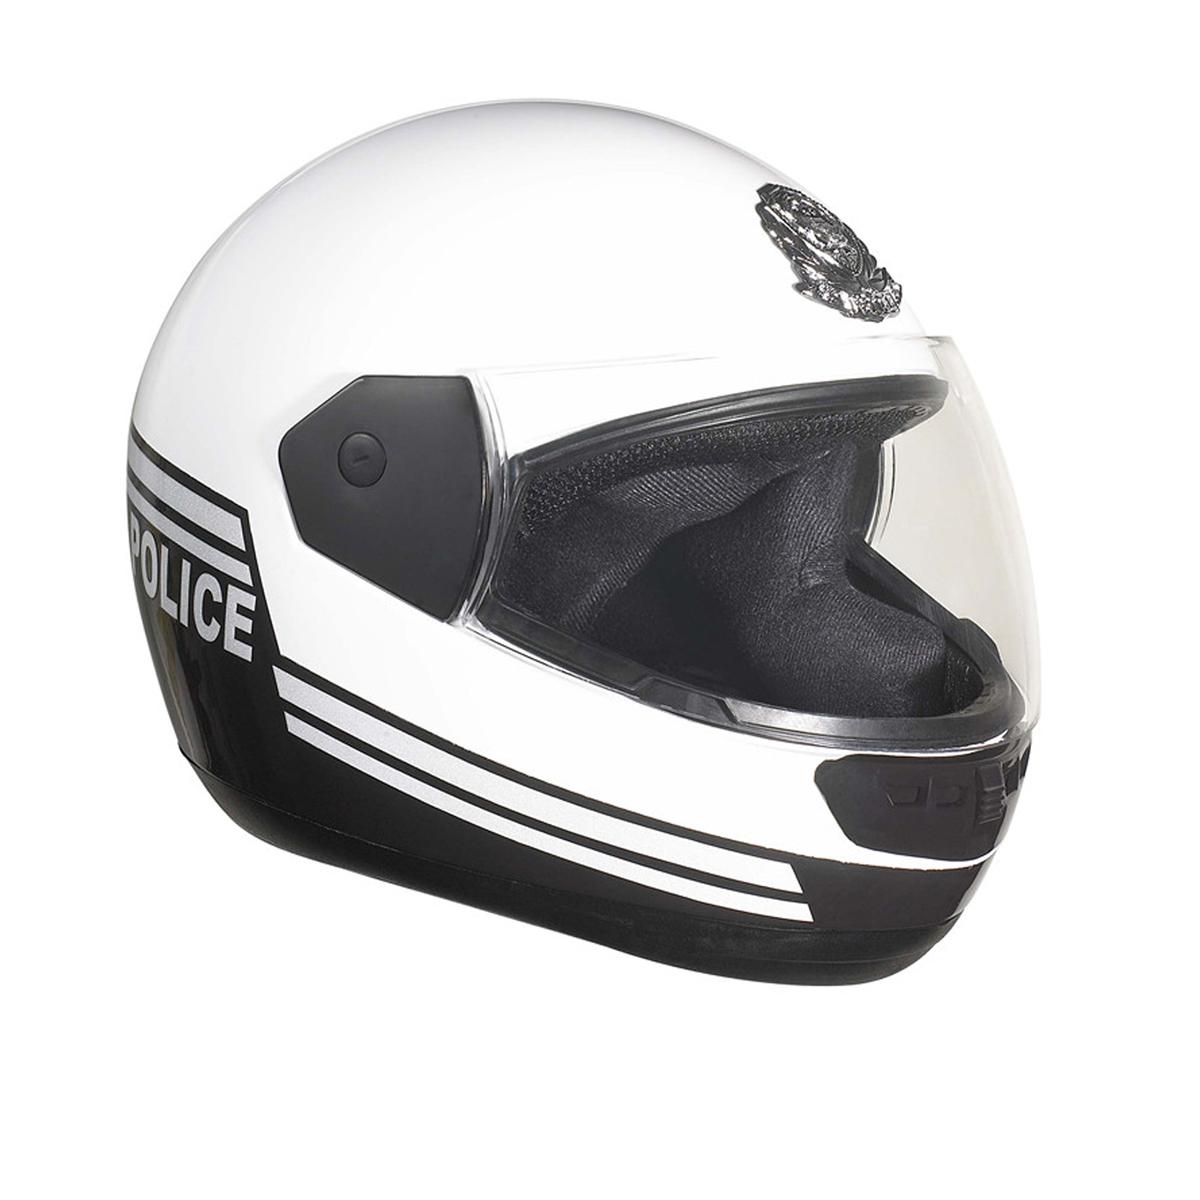 警用摩托车冬盔 MTK-D-L